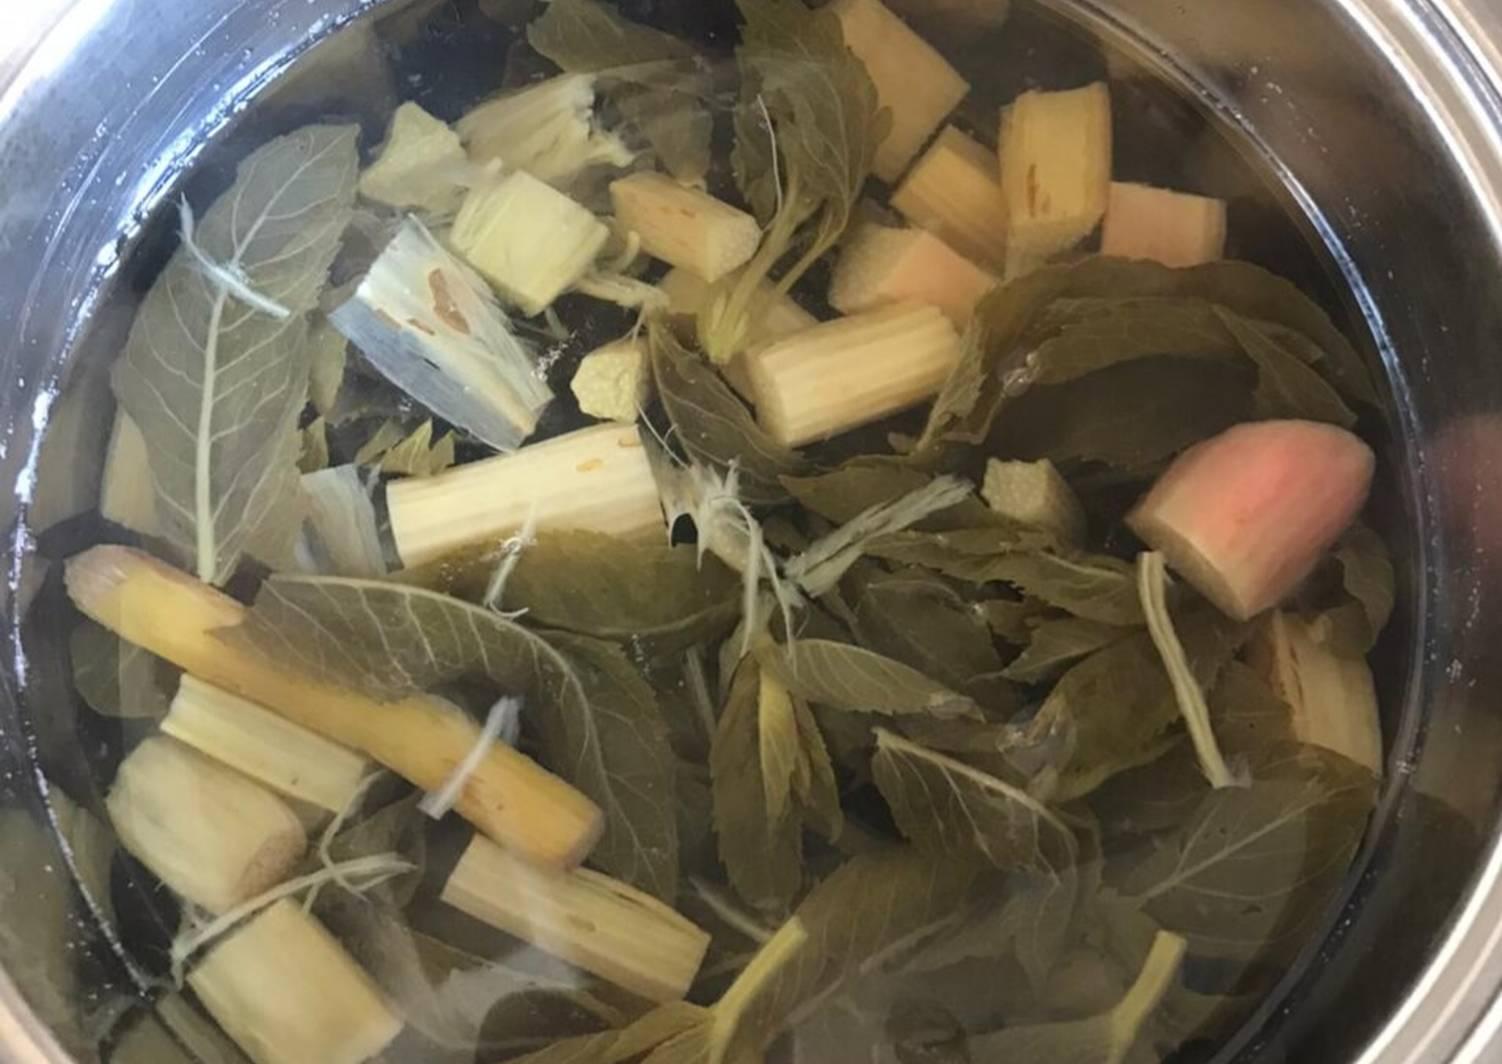 компот из ревеня пошаговые рецепты с фото фастфуда штрафовали, палатку